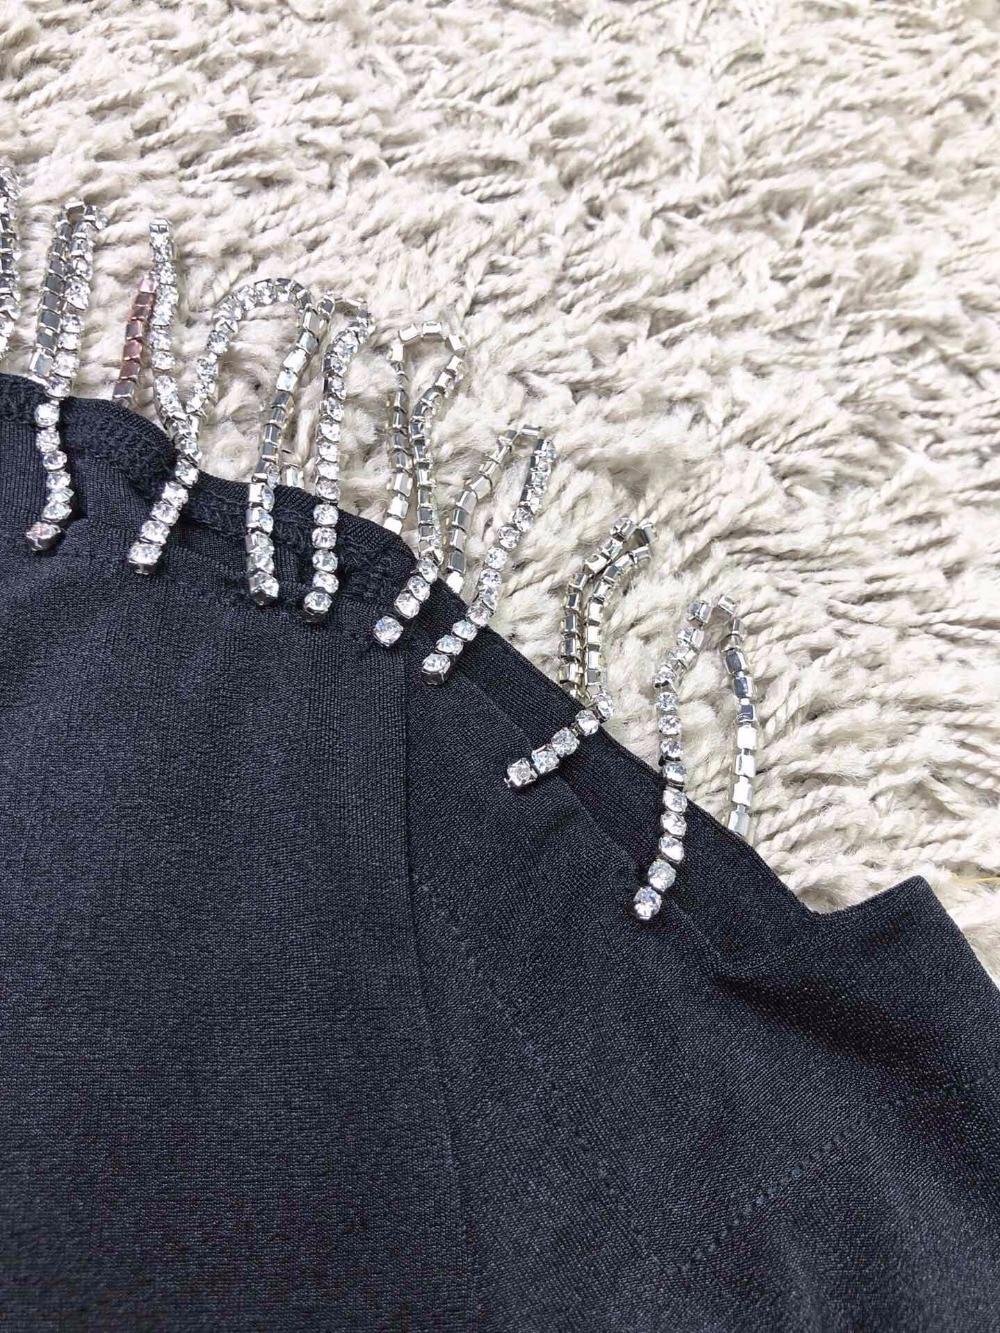 Printemps Creux 2019 Nouveau Ddxgz3 Chandail Femmes Diamants Encolure z7OBwxOd